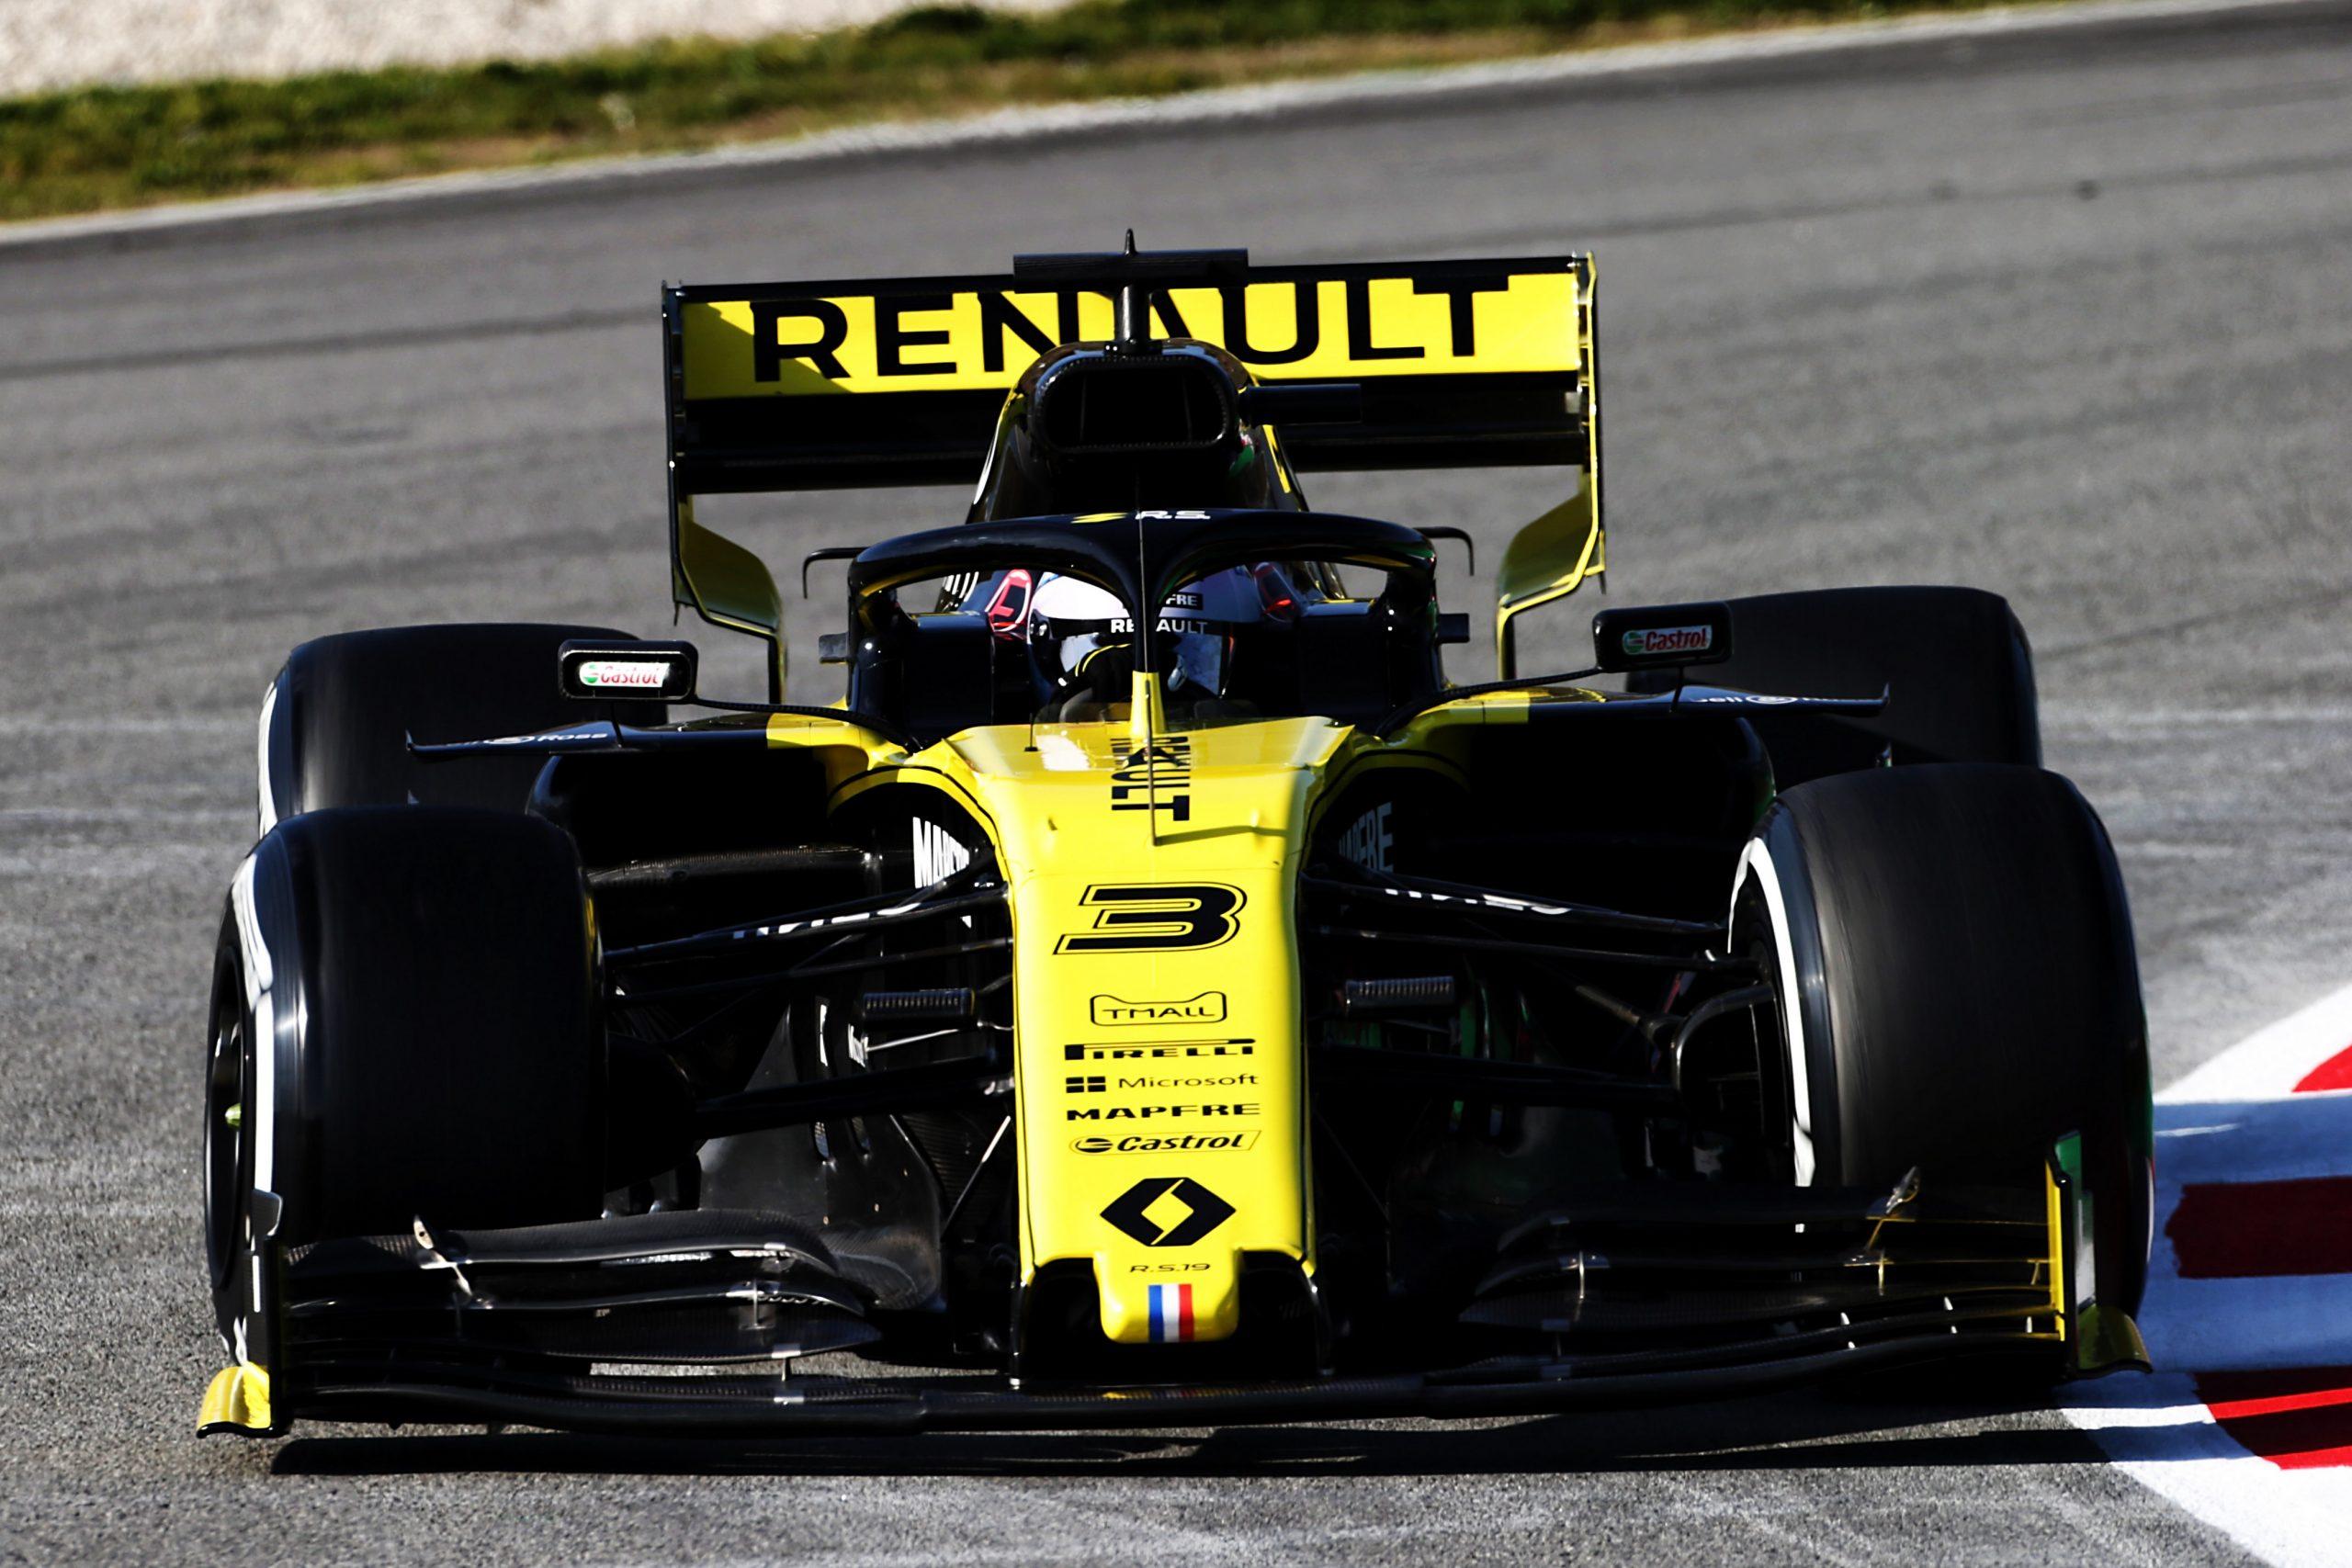 Daniel Ricciardo lors des essais hivernaux en F1 au volant de sa Renault